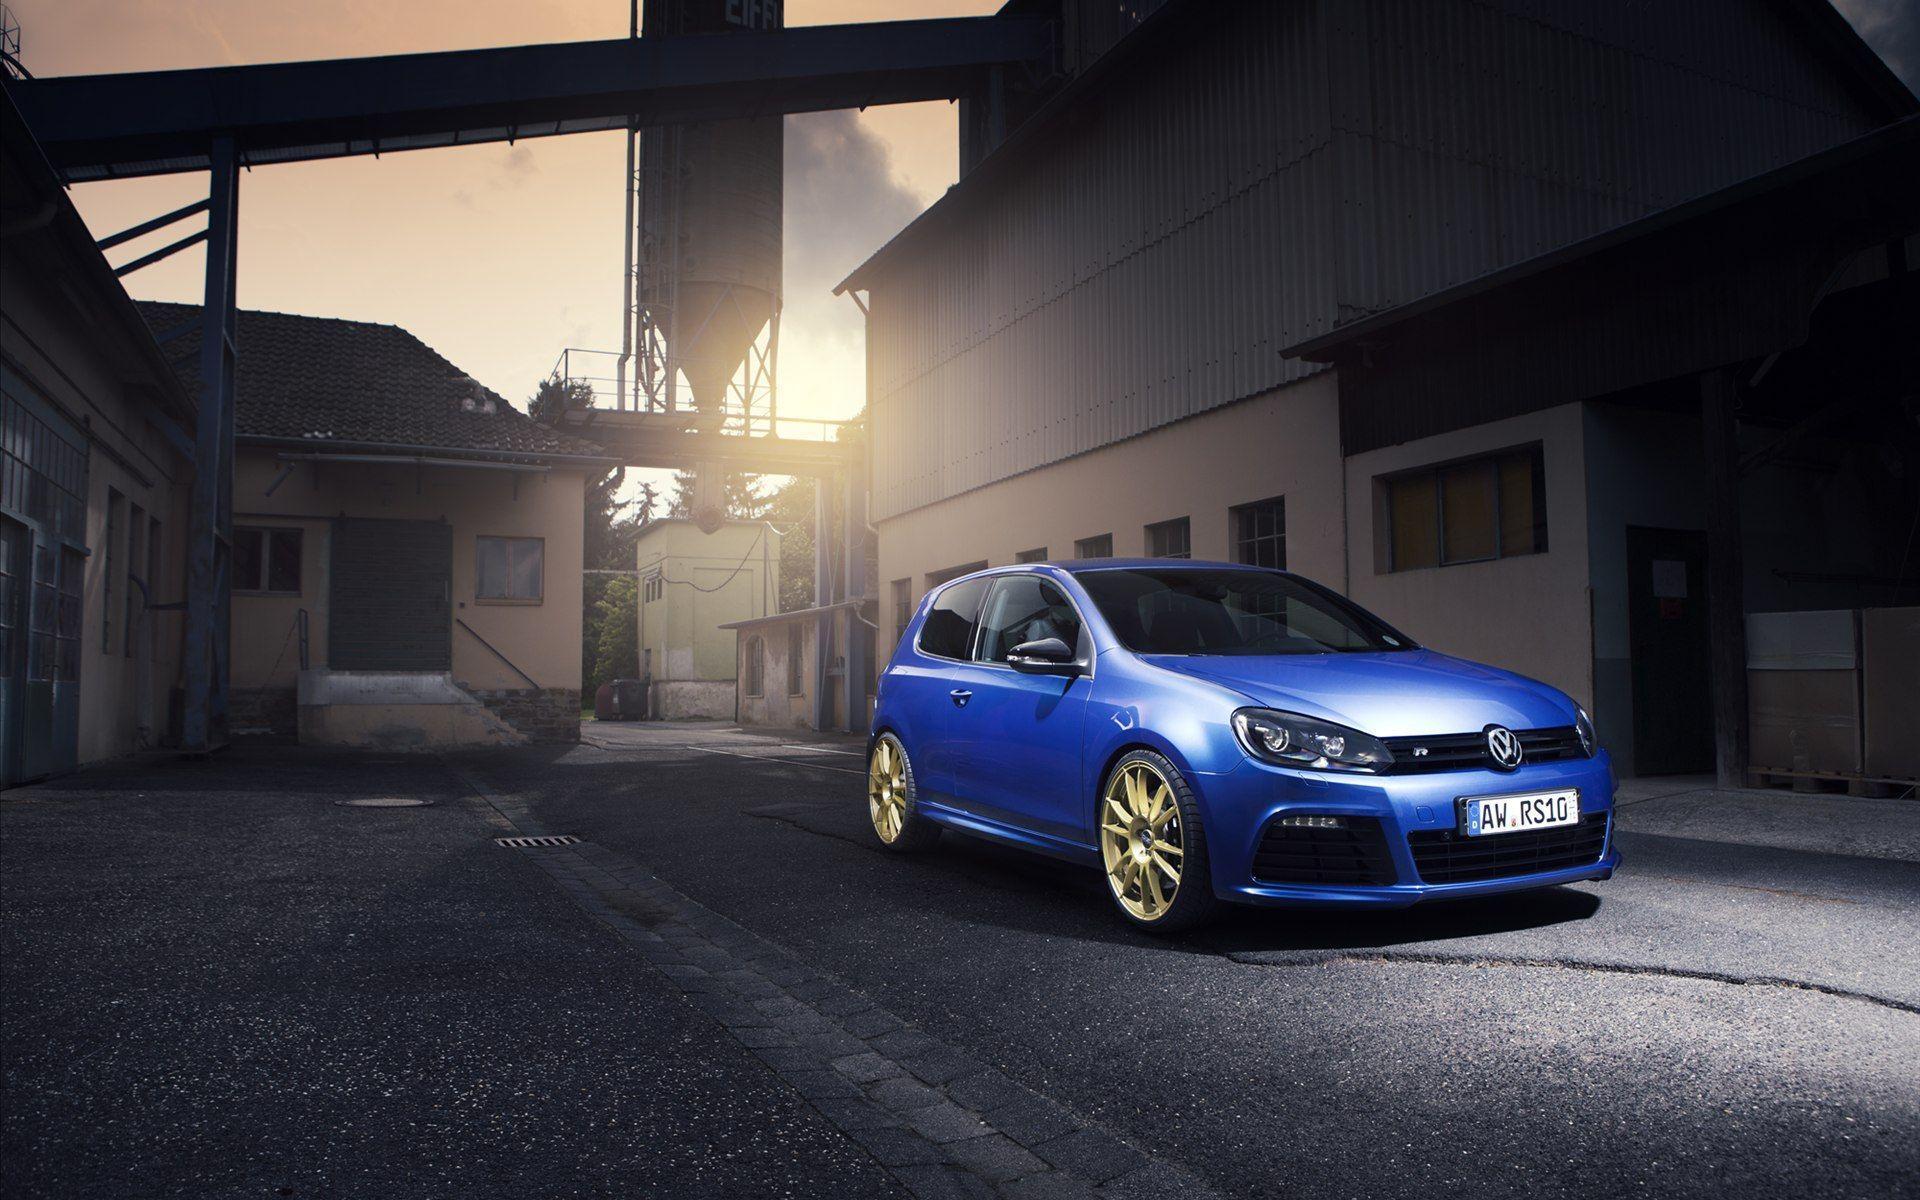 Volkswagen Golf R Wallpapers Wallpaper Cave